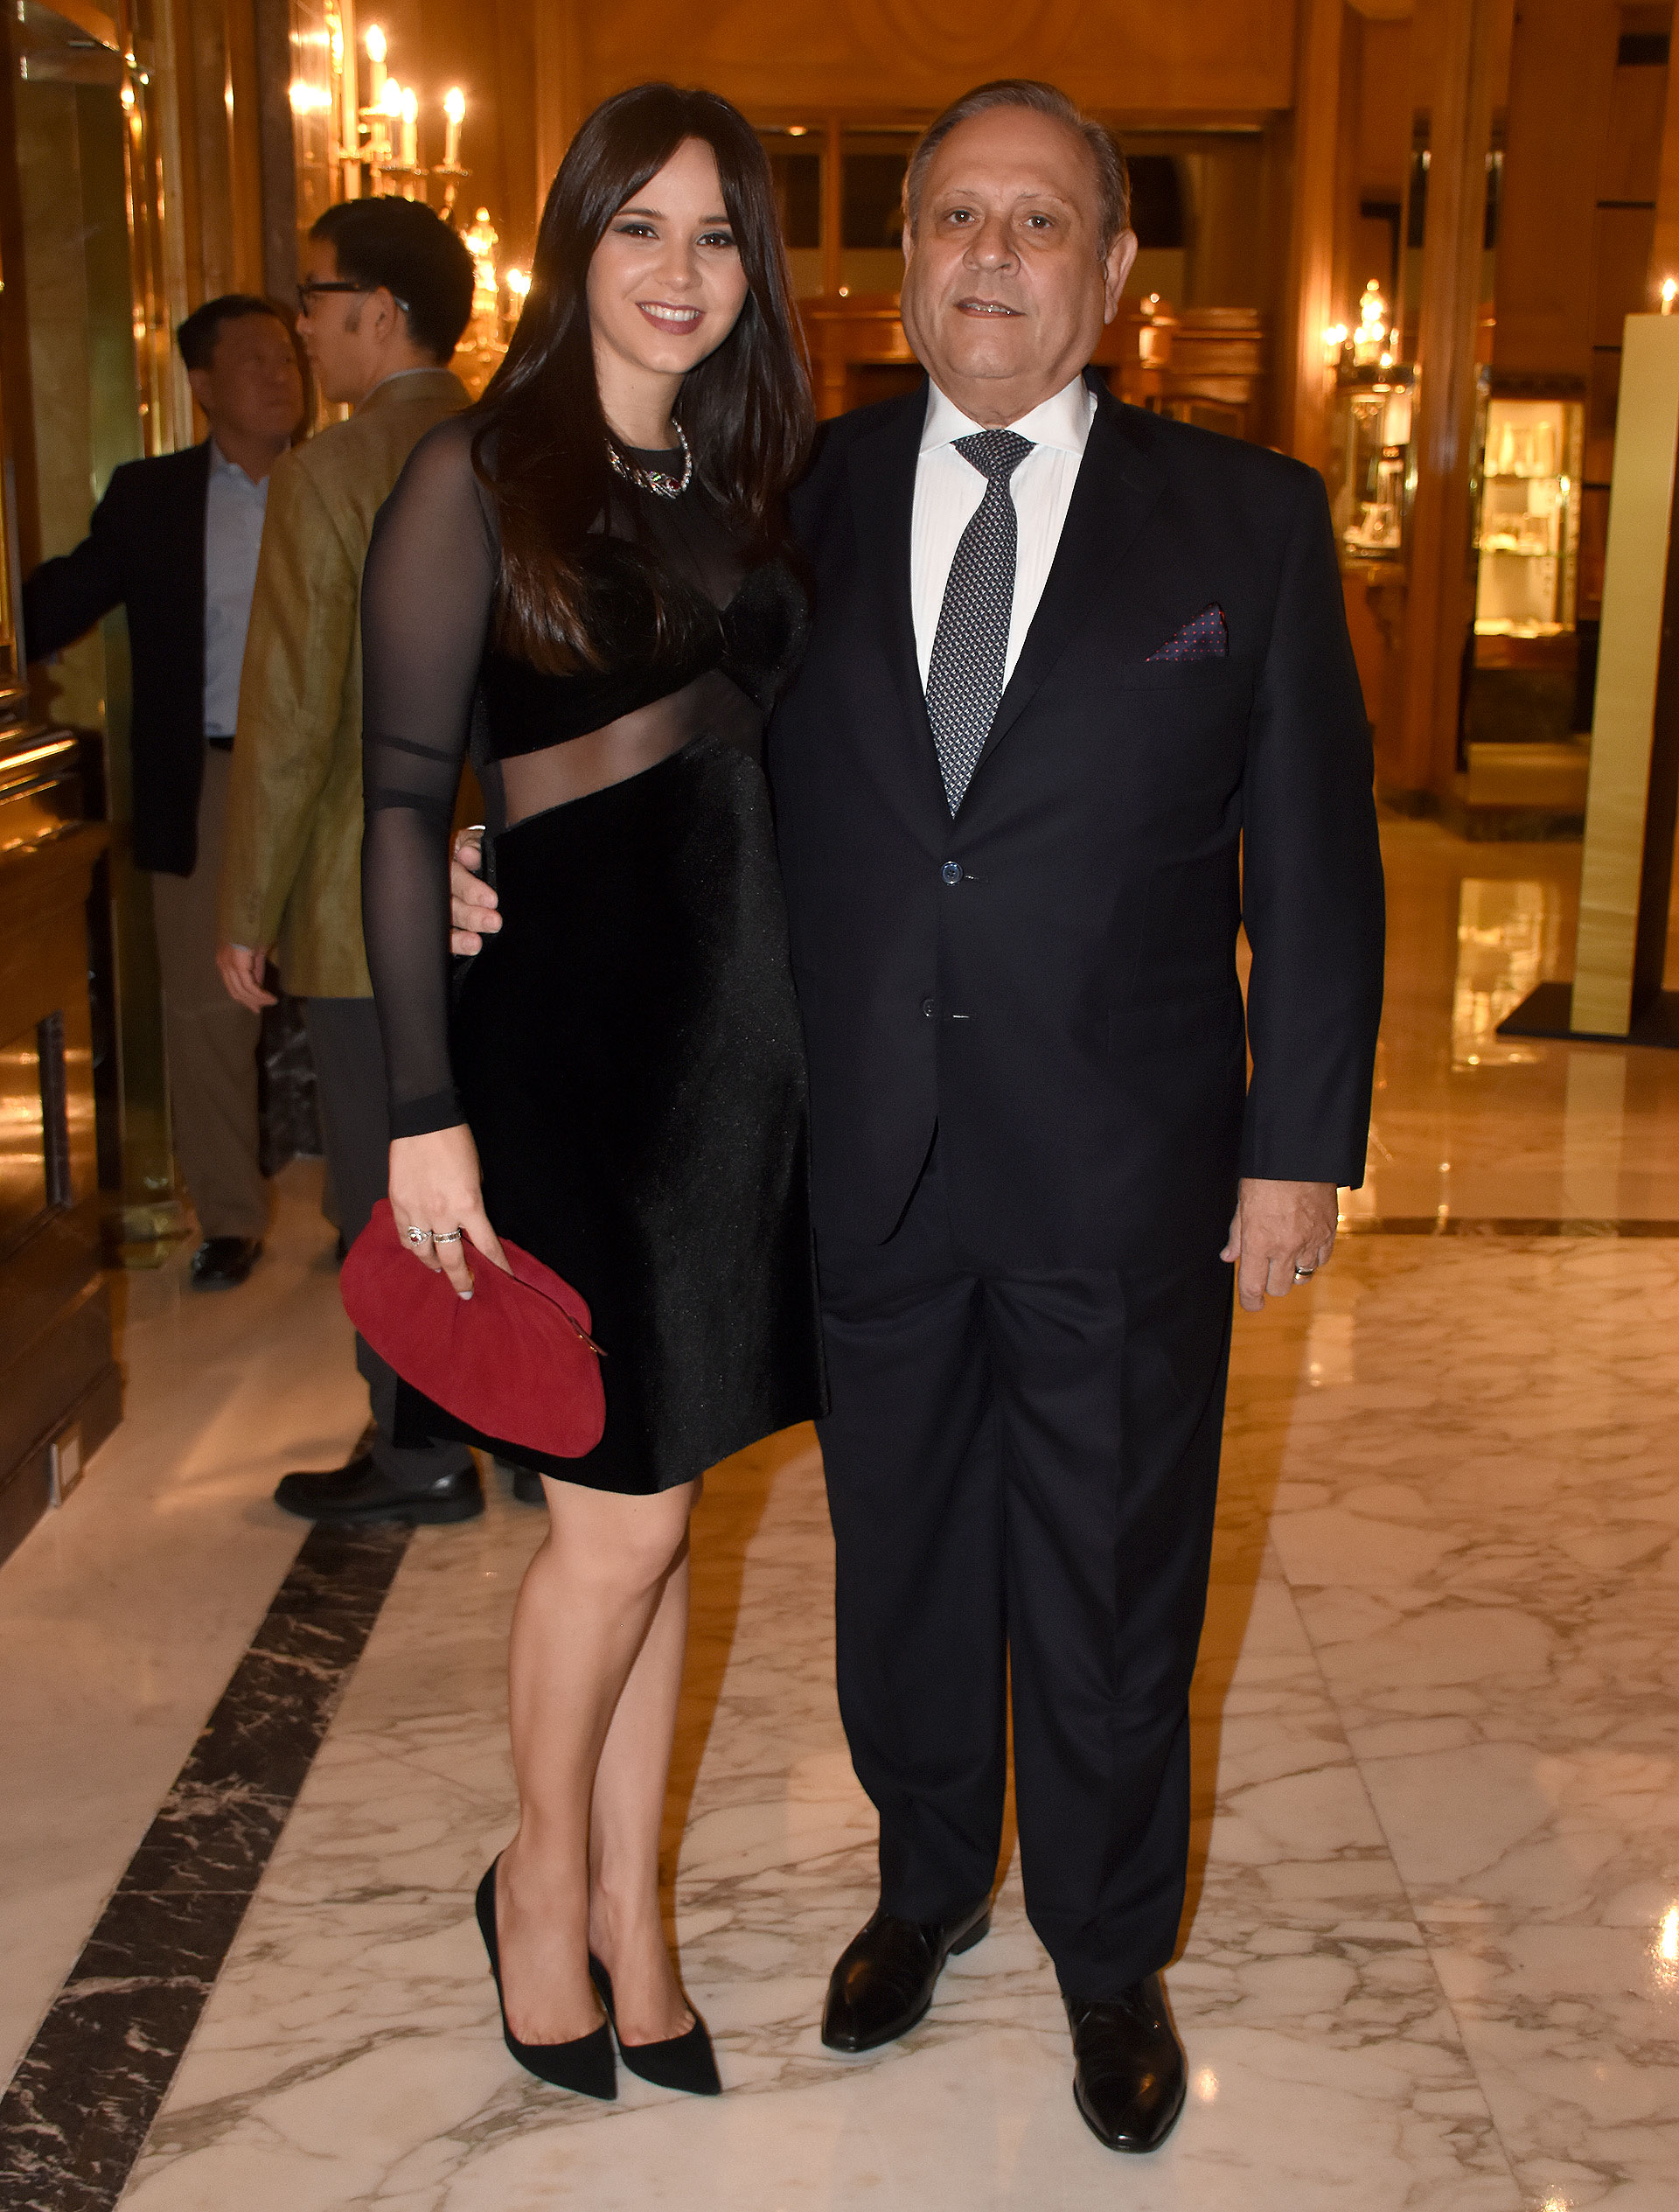 Néstor Abatidaga, director general corporativo del Grupo Sancor Seguros, y su mujer, la conductora de televisión y directora creativa, Natalí Márquez